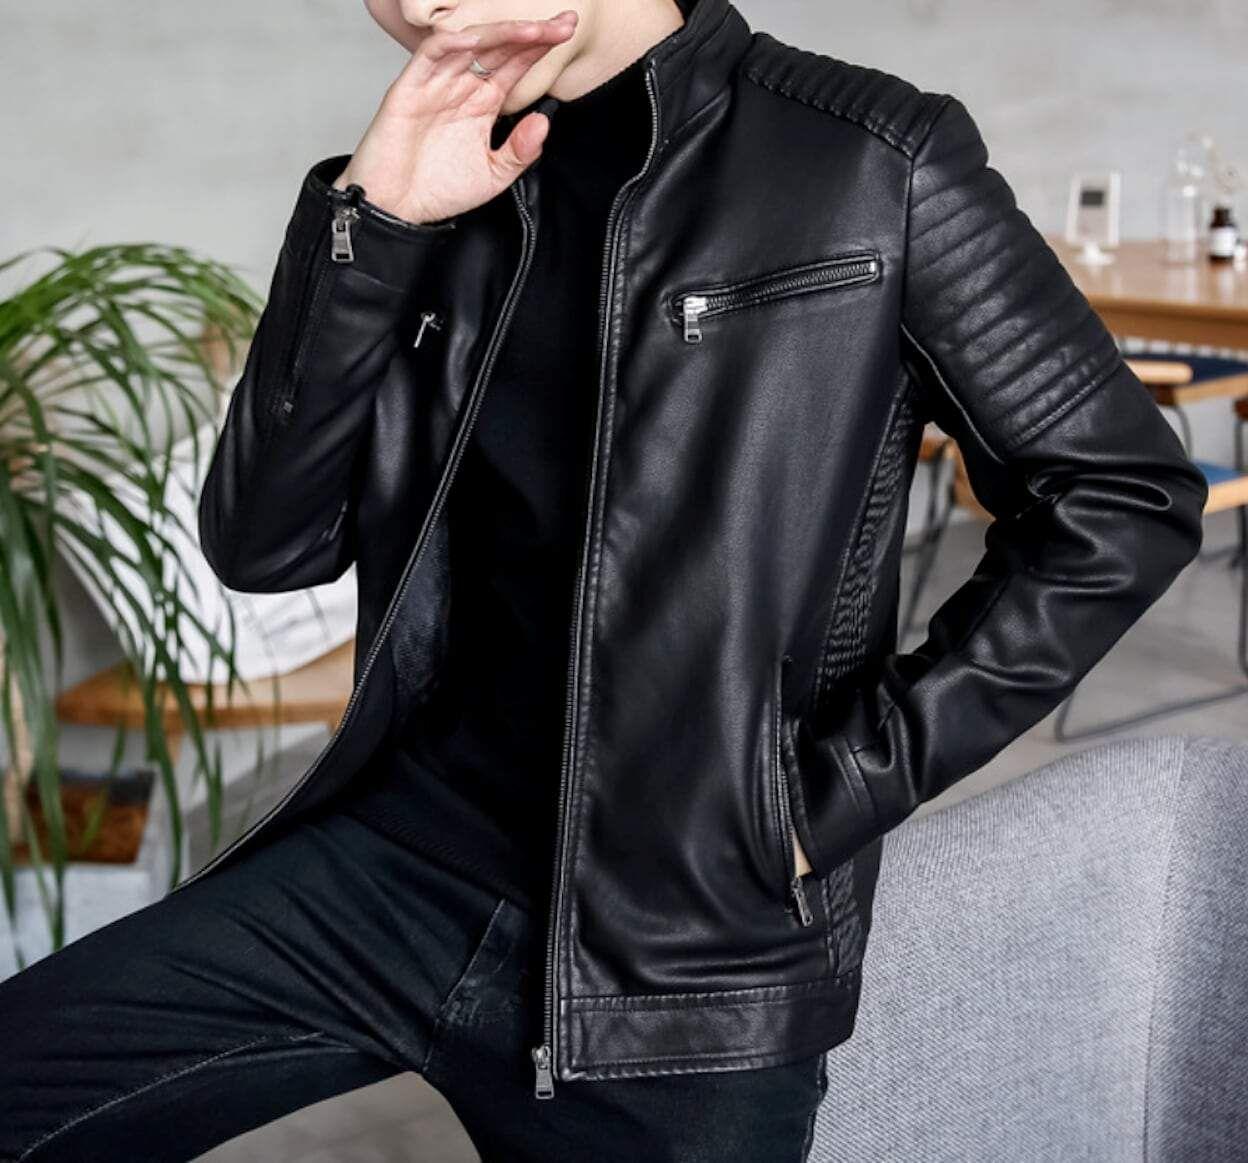 Description Mens Stand Collar Biker Jacket Fabric Faux Leather Fit Slim Fit Color Available Black Green Wine B Jackets Leather Jacket Leather Jacket Men [ 1163 x 1248 Pixel ]